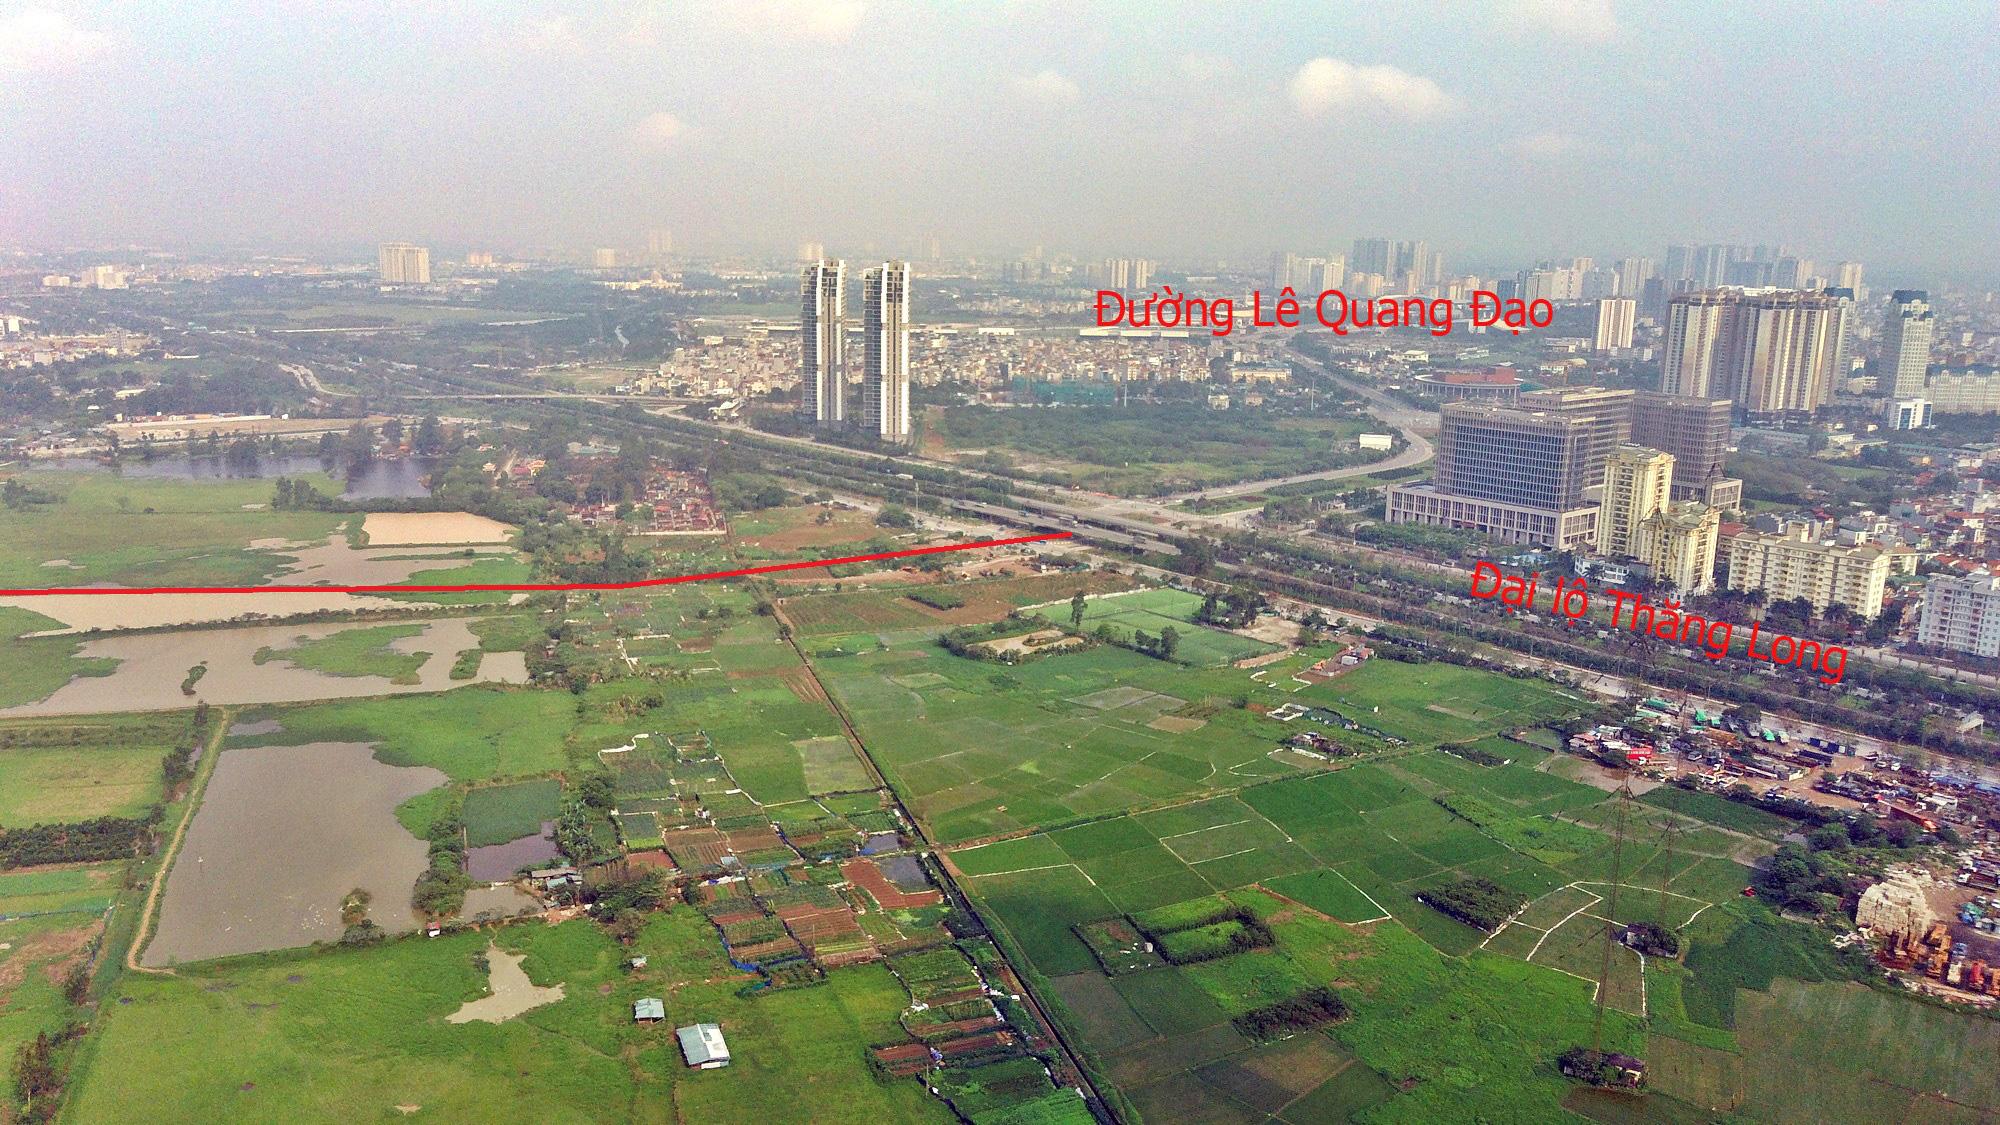 Đường sẽ mở theo qui hoạch ở Hà Nội: Toàn cảnh đường Lê Quang Đạo kéo dài qua KĐT Dương Nội - Ảnh 2.